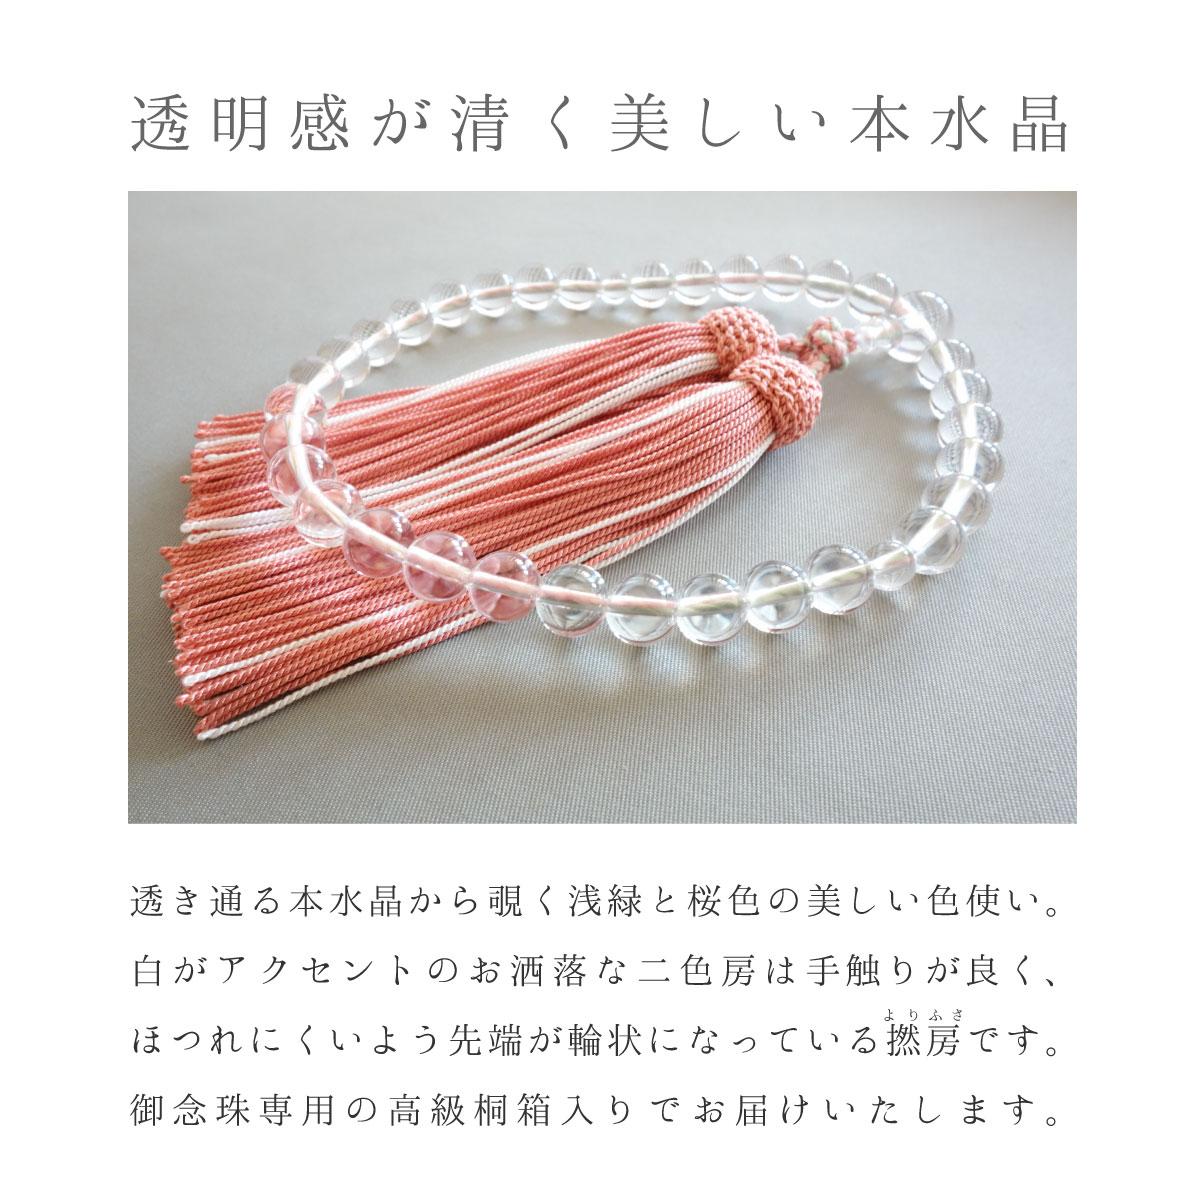 本水晶8ミリ 彩色編蛍正頭 珊瑚色 略式数珠(女性用)